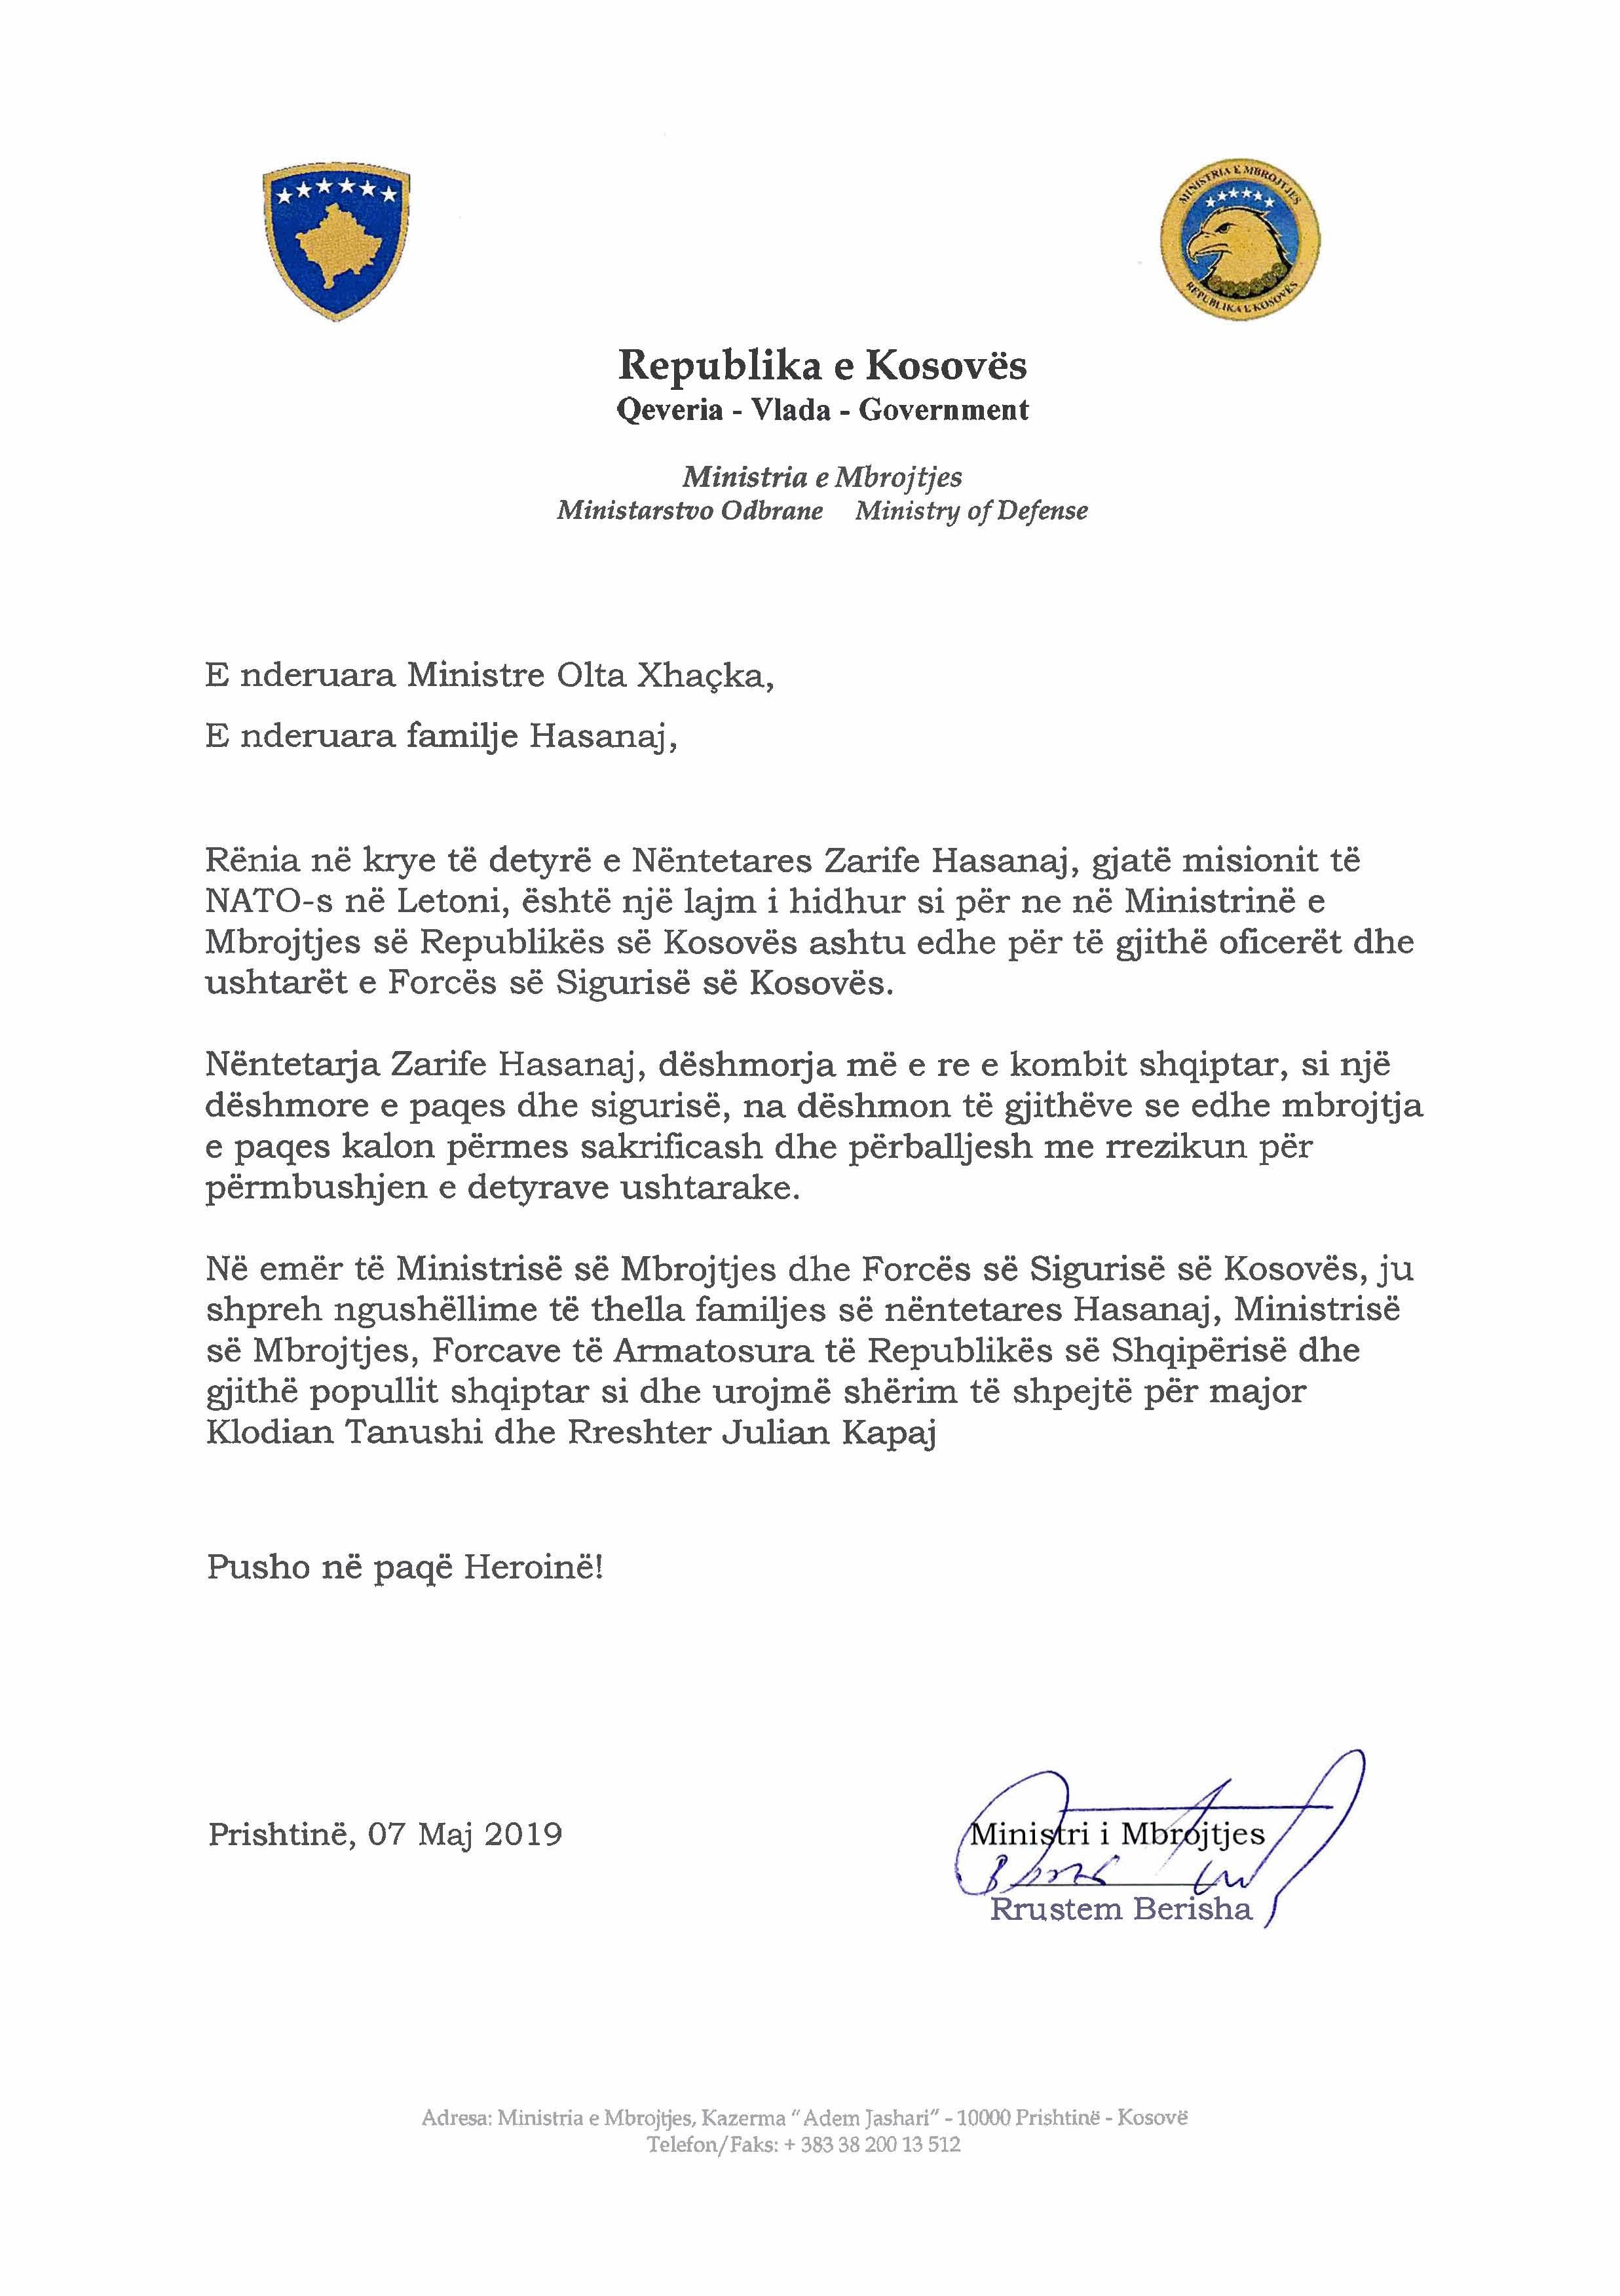 Ministri Berisha i dërgoi telegram ngushëllimi ministres, Olta Xhaçka dhe familjes së ushtarakes, Zarife Hasanaj